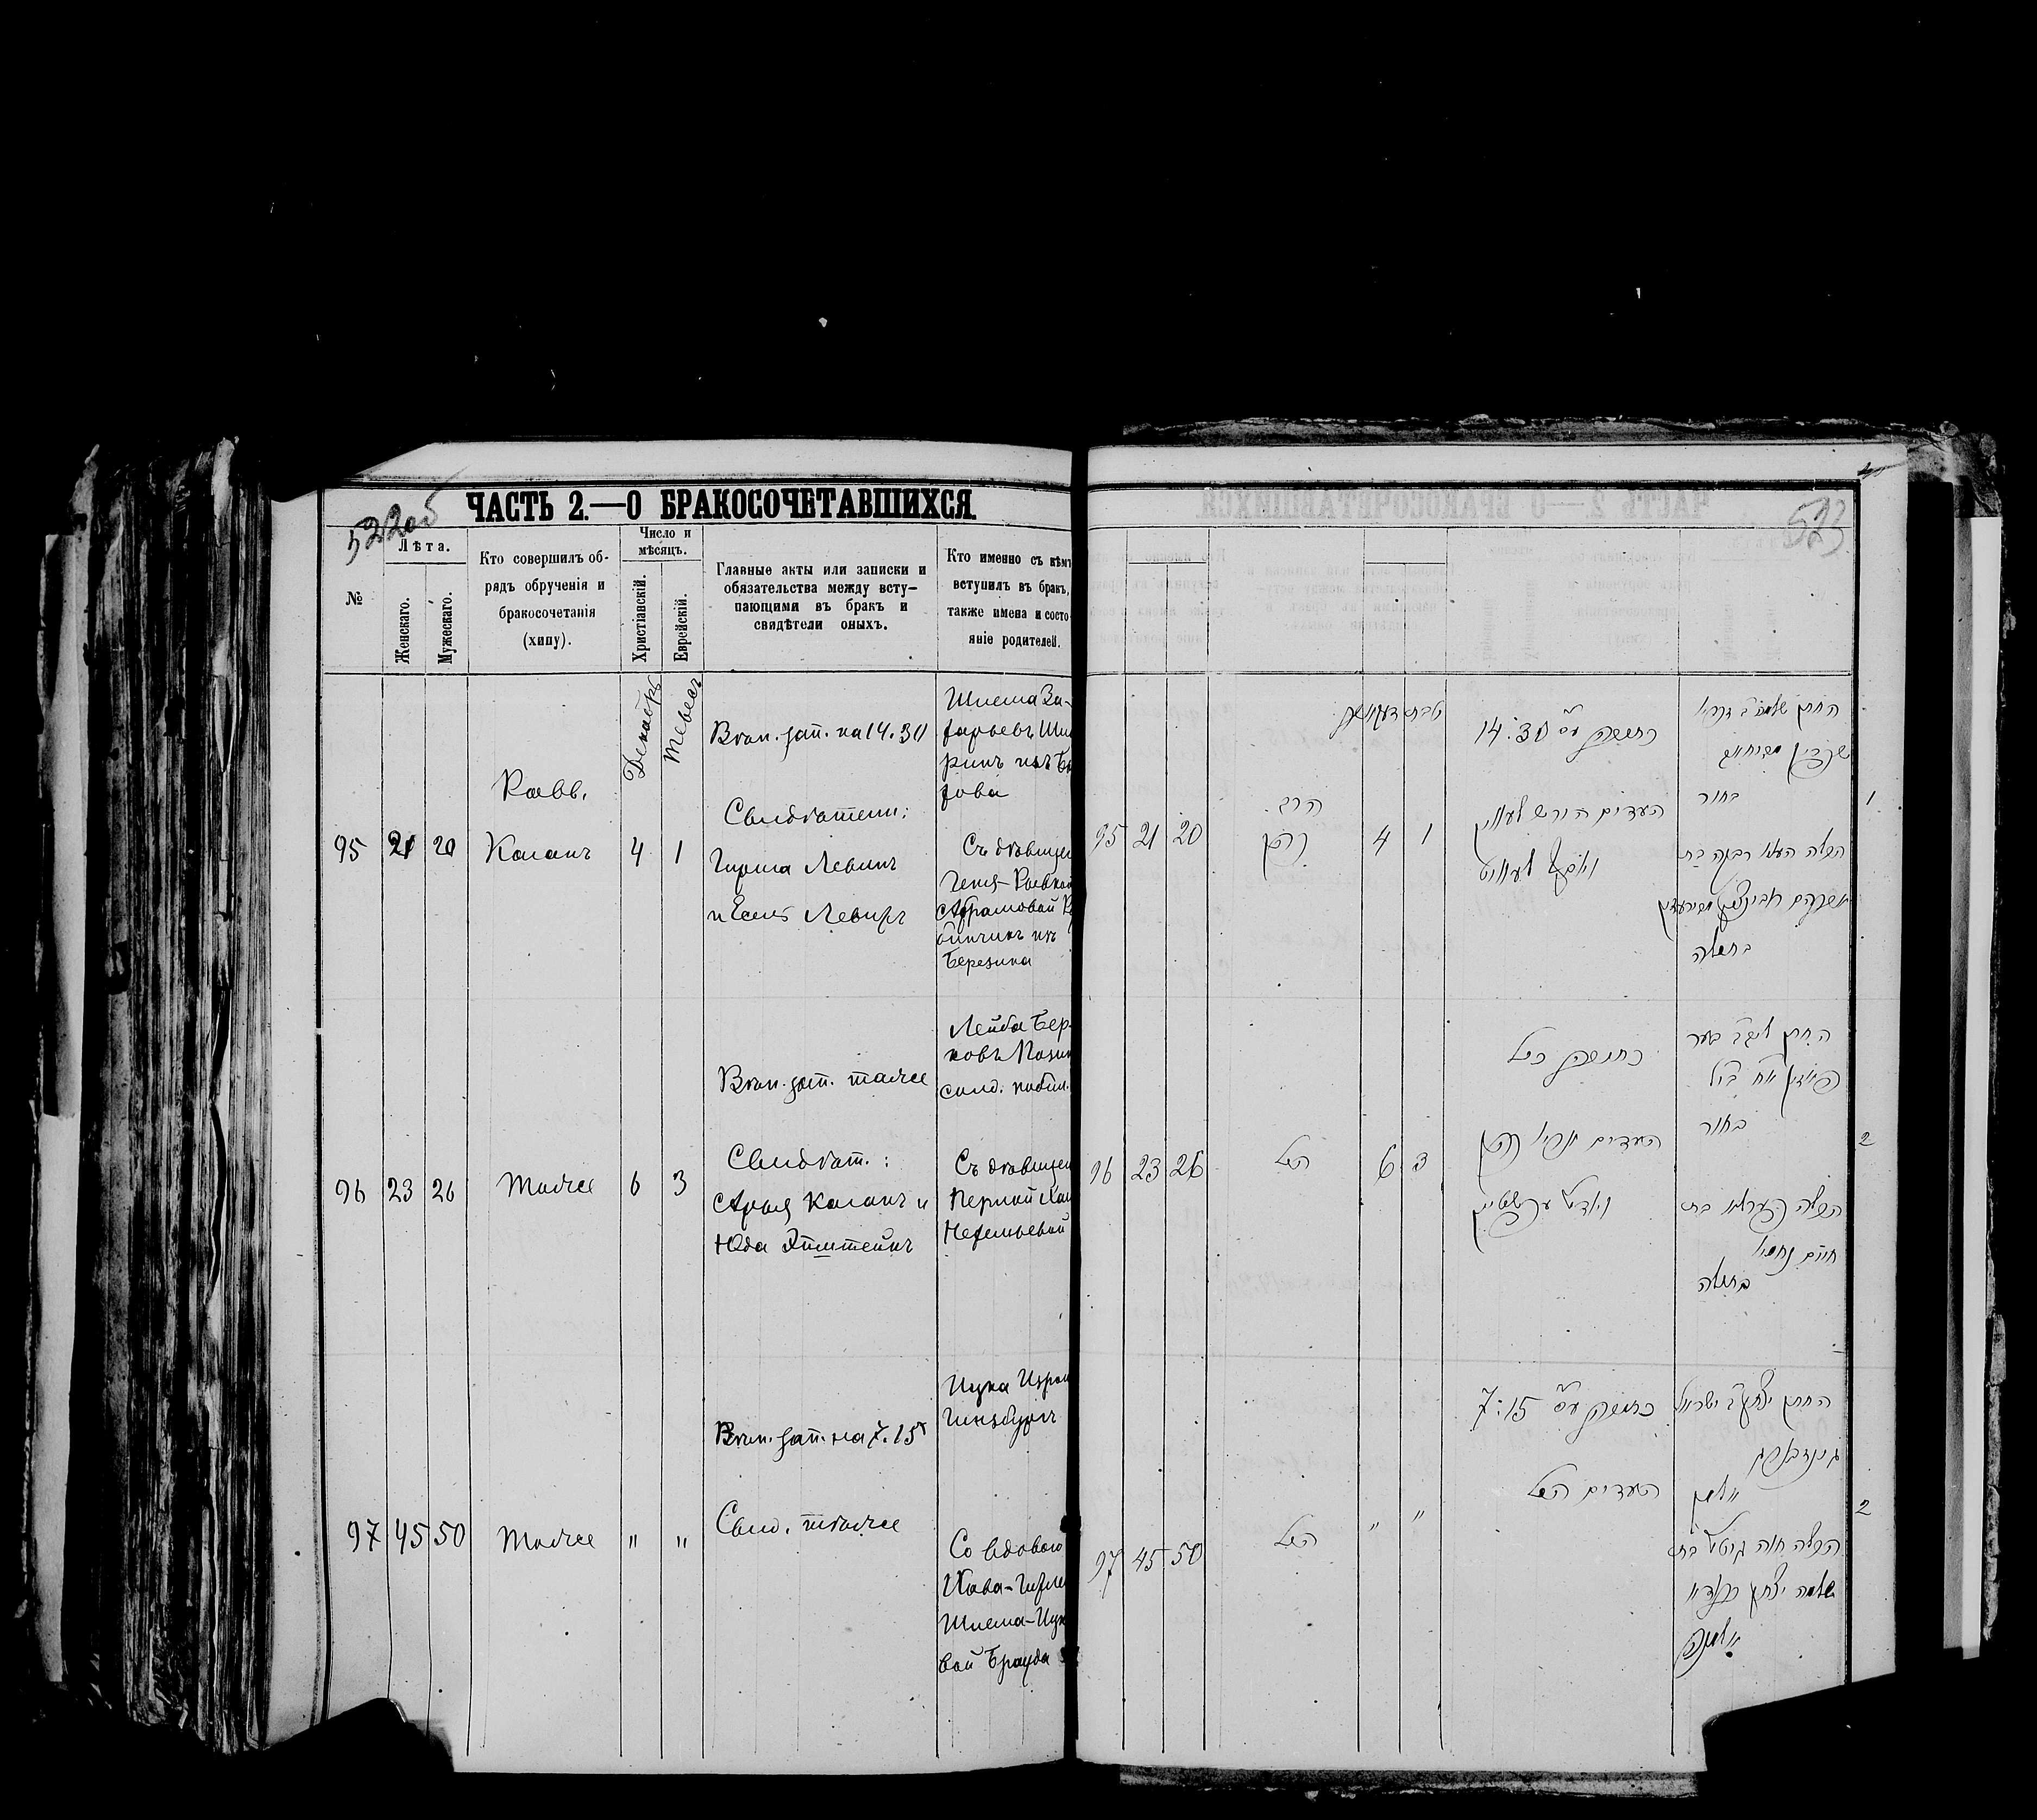 Ицка Изроилевич Гинзбург с Хавой-Гитлей Шлема-Ицковной Брауда 6 декабря 1879, запись 97, пленка 007766479, снимок 898